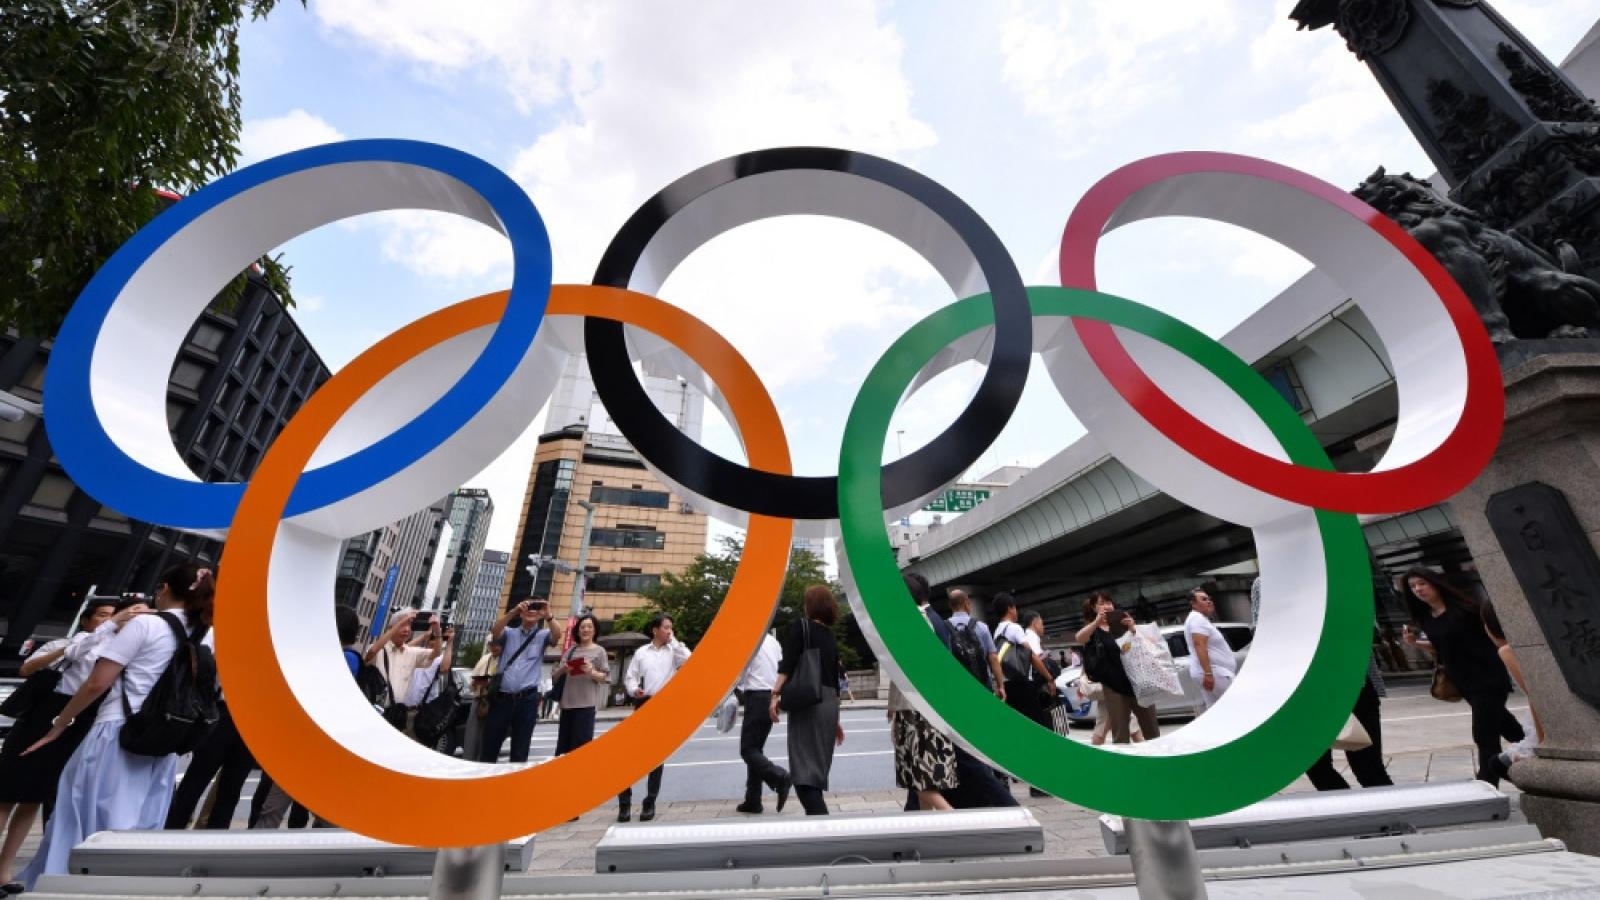 Nhật Bản lên kế hoạch đảm bảo an toàn chống dịch Covid-19 trong kỳ Olympic